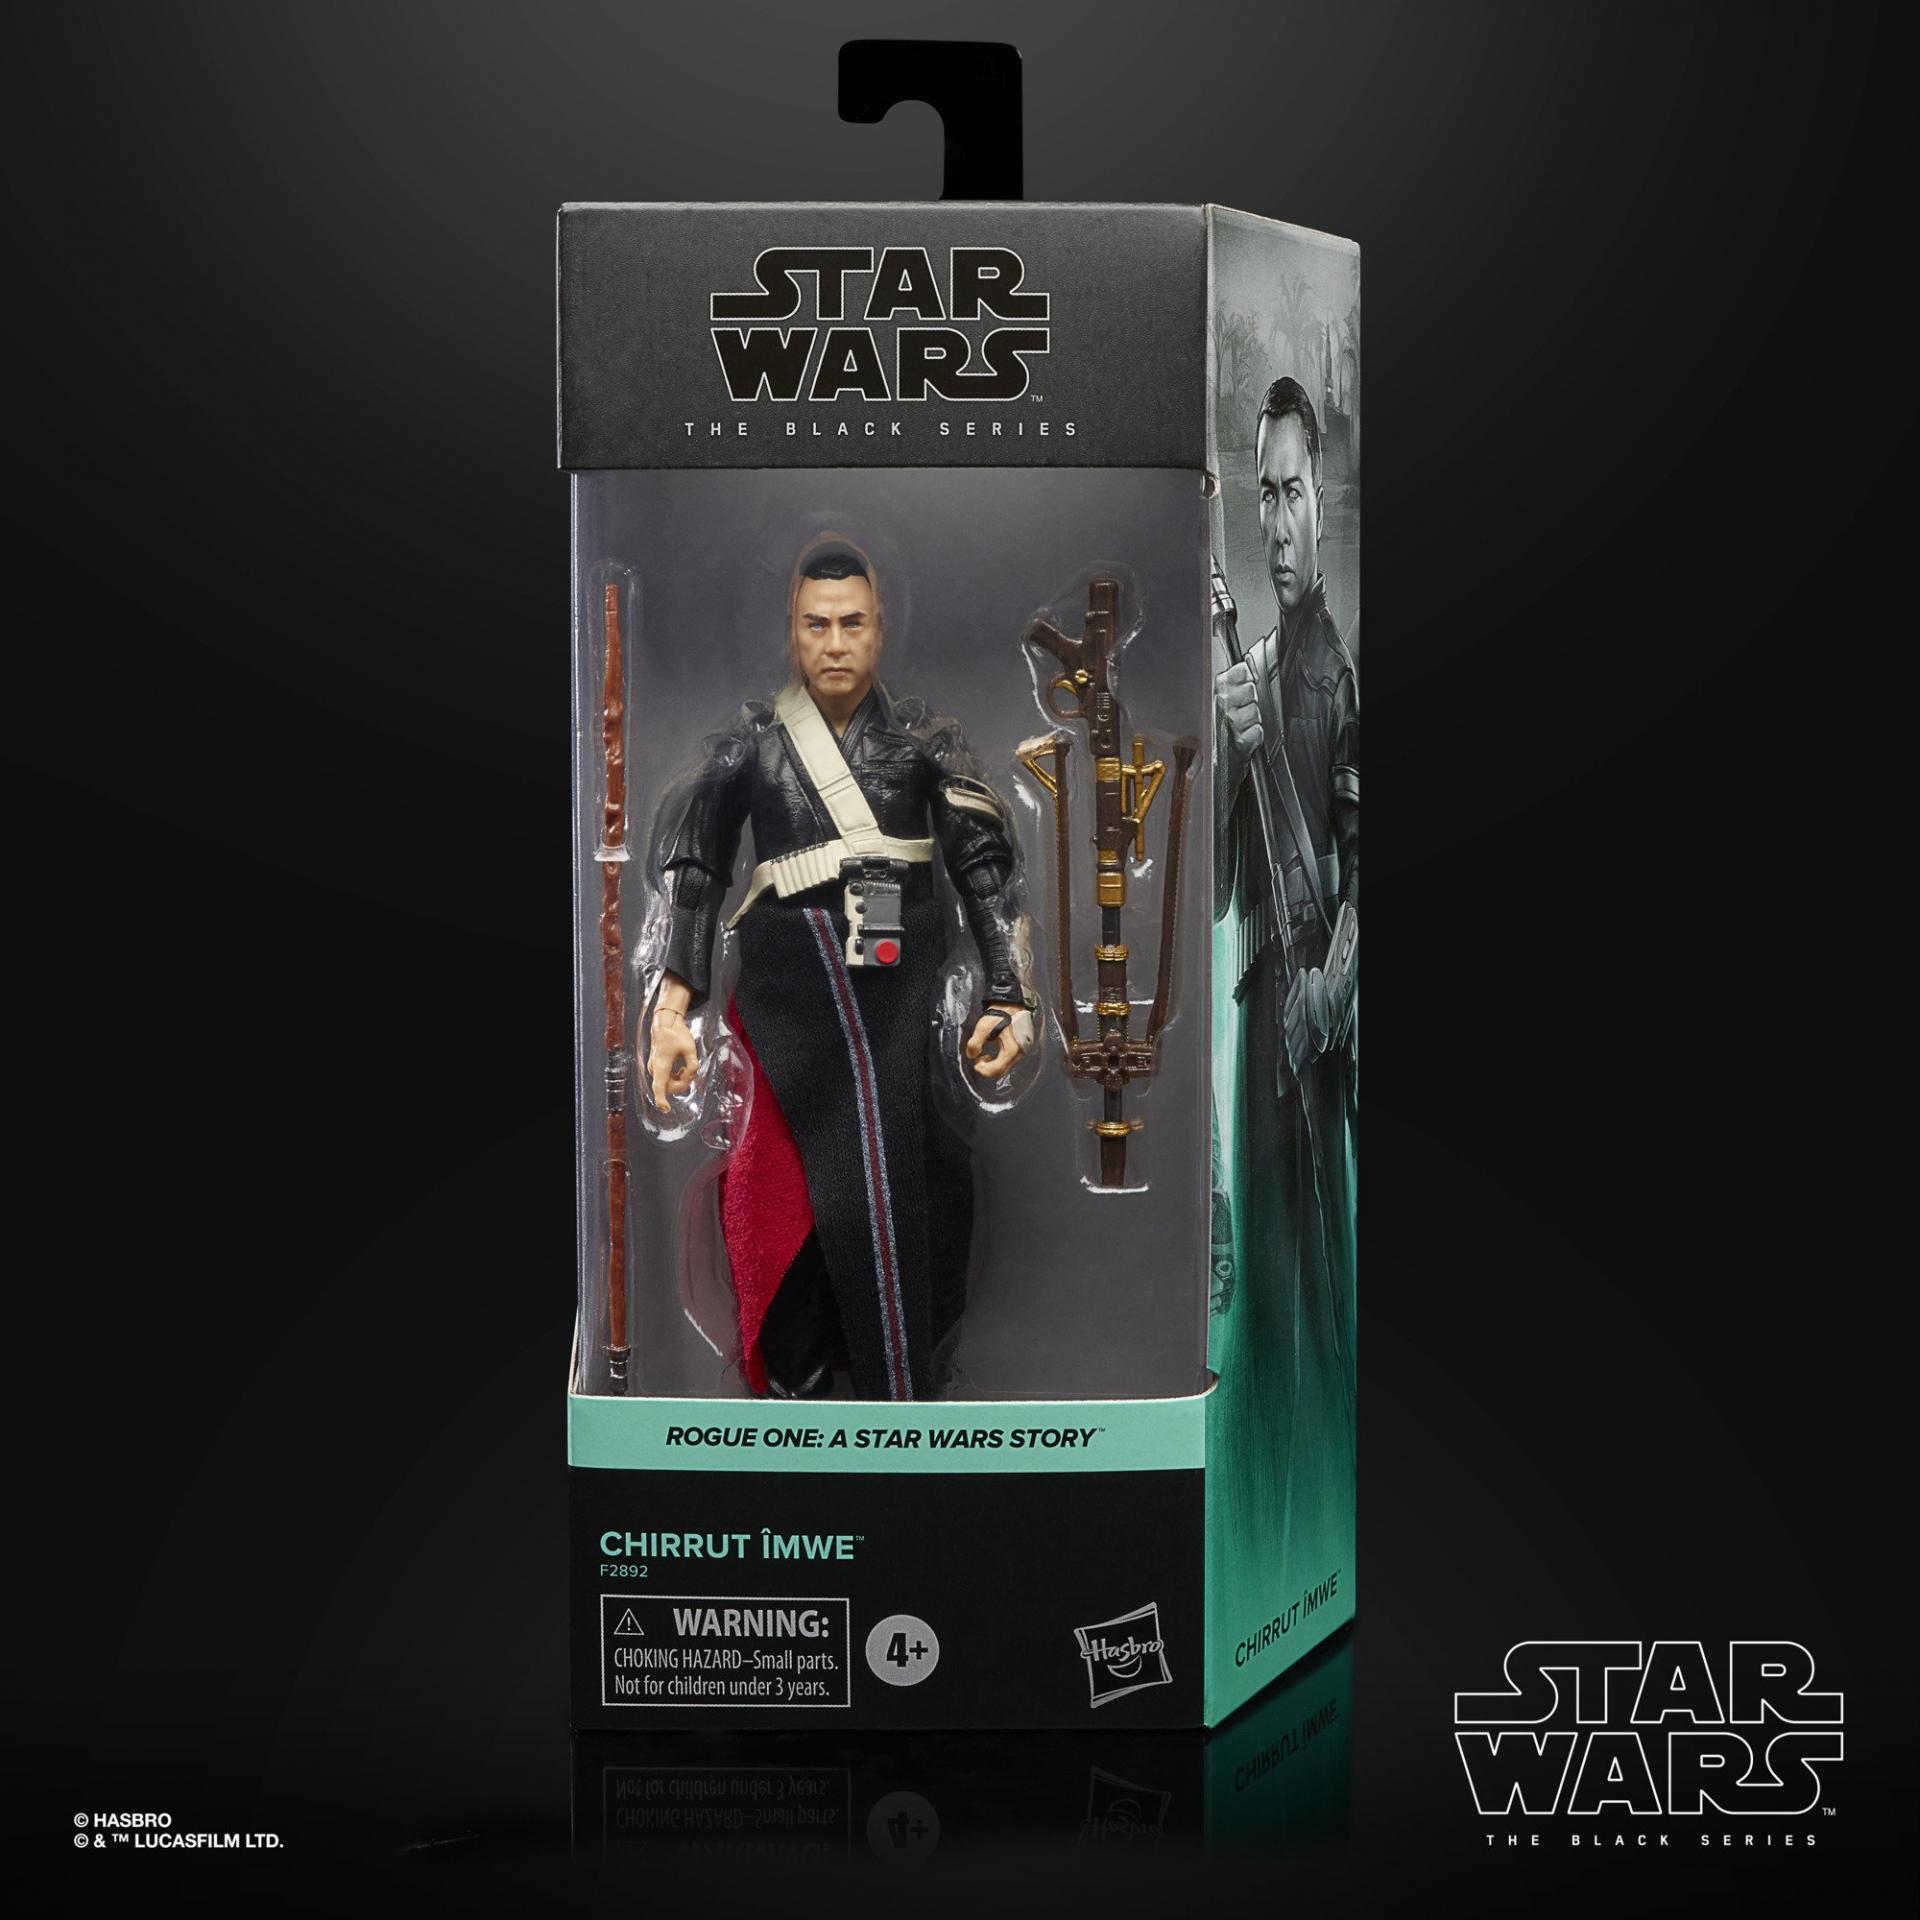 Star wars the black series chirrut imwe 15cm